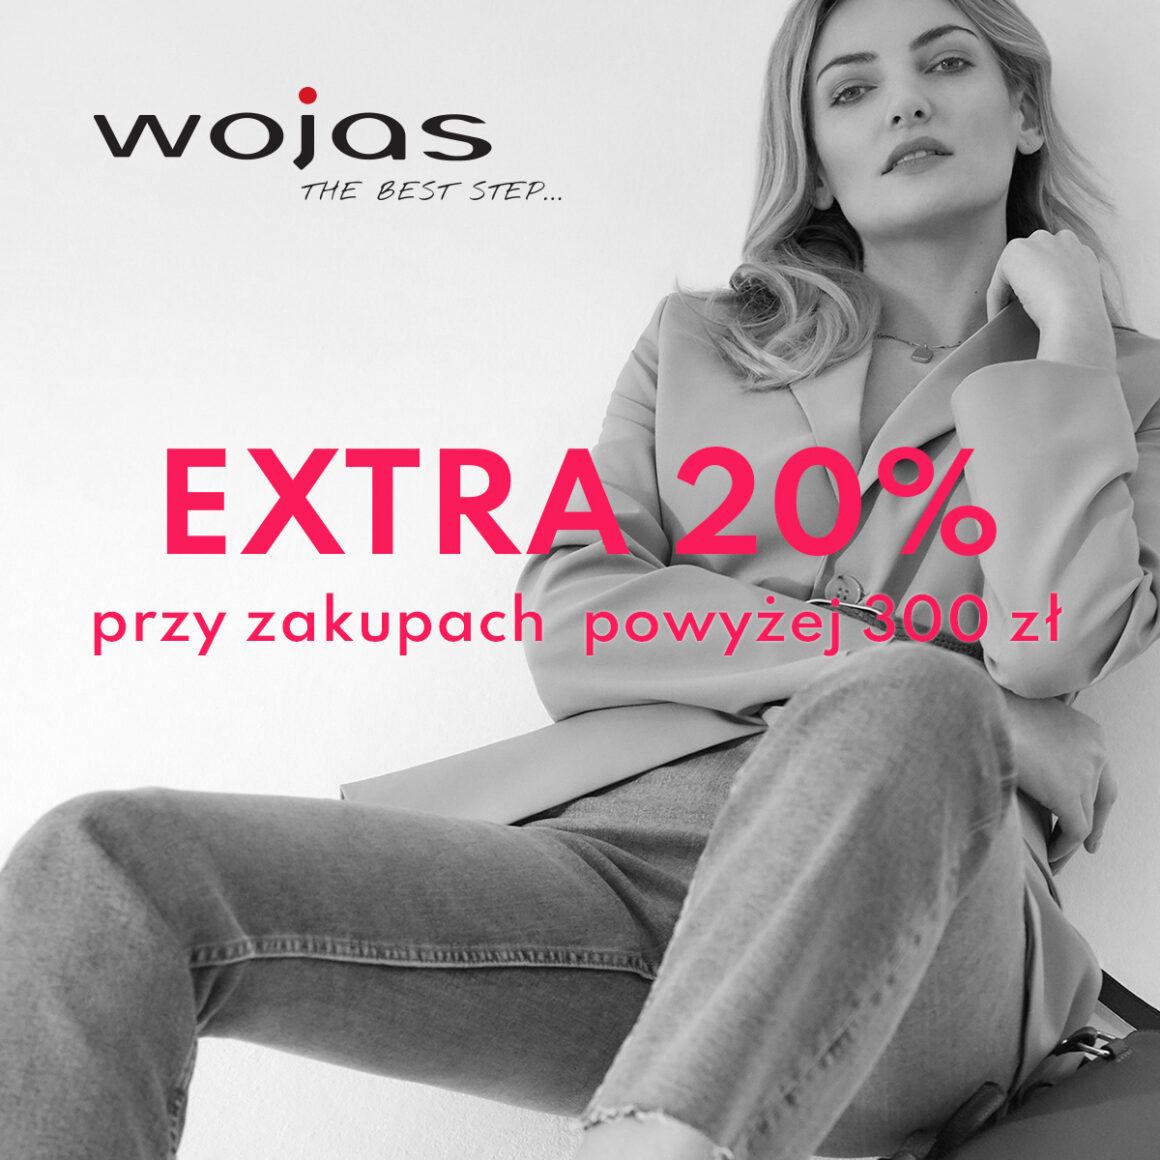 EXTRA RABAT 20% przy zakupach powyżej 300 zł